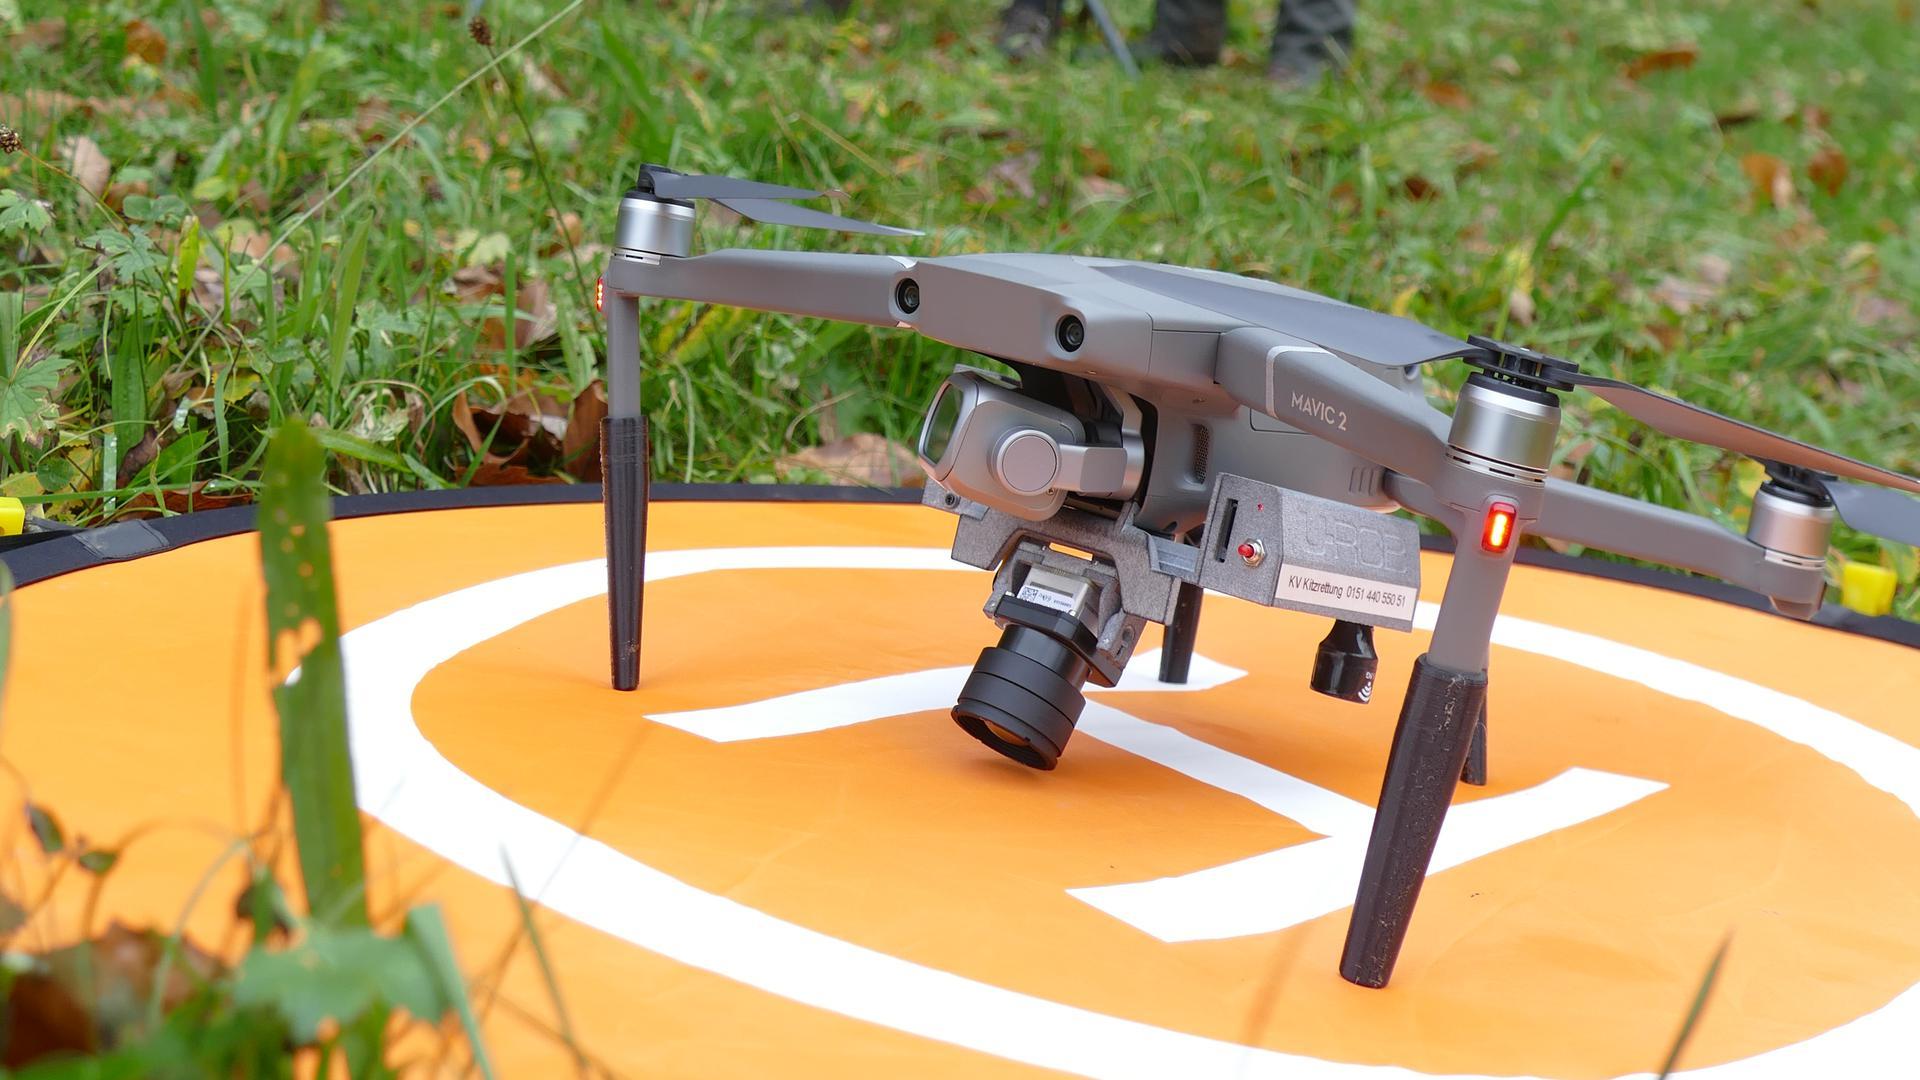 Drohne auf einem Startplatz im Vordergrund